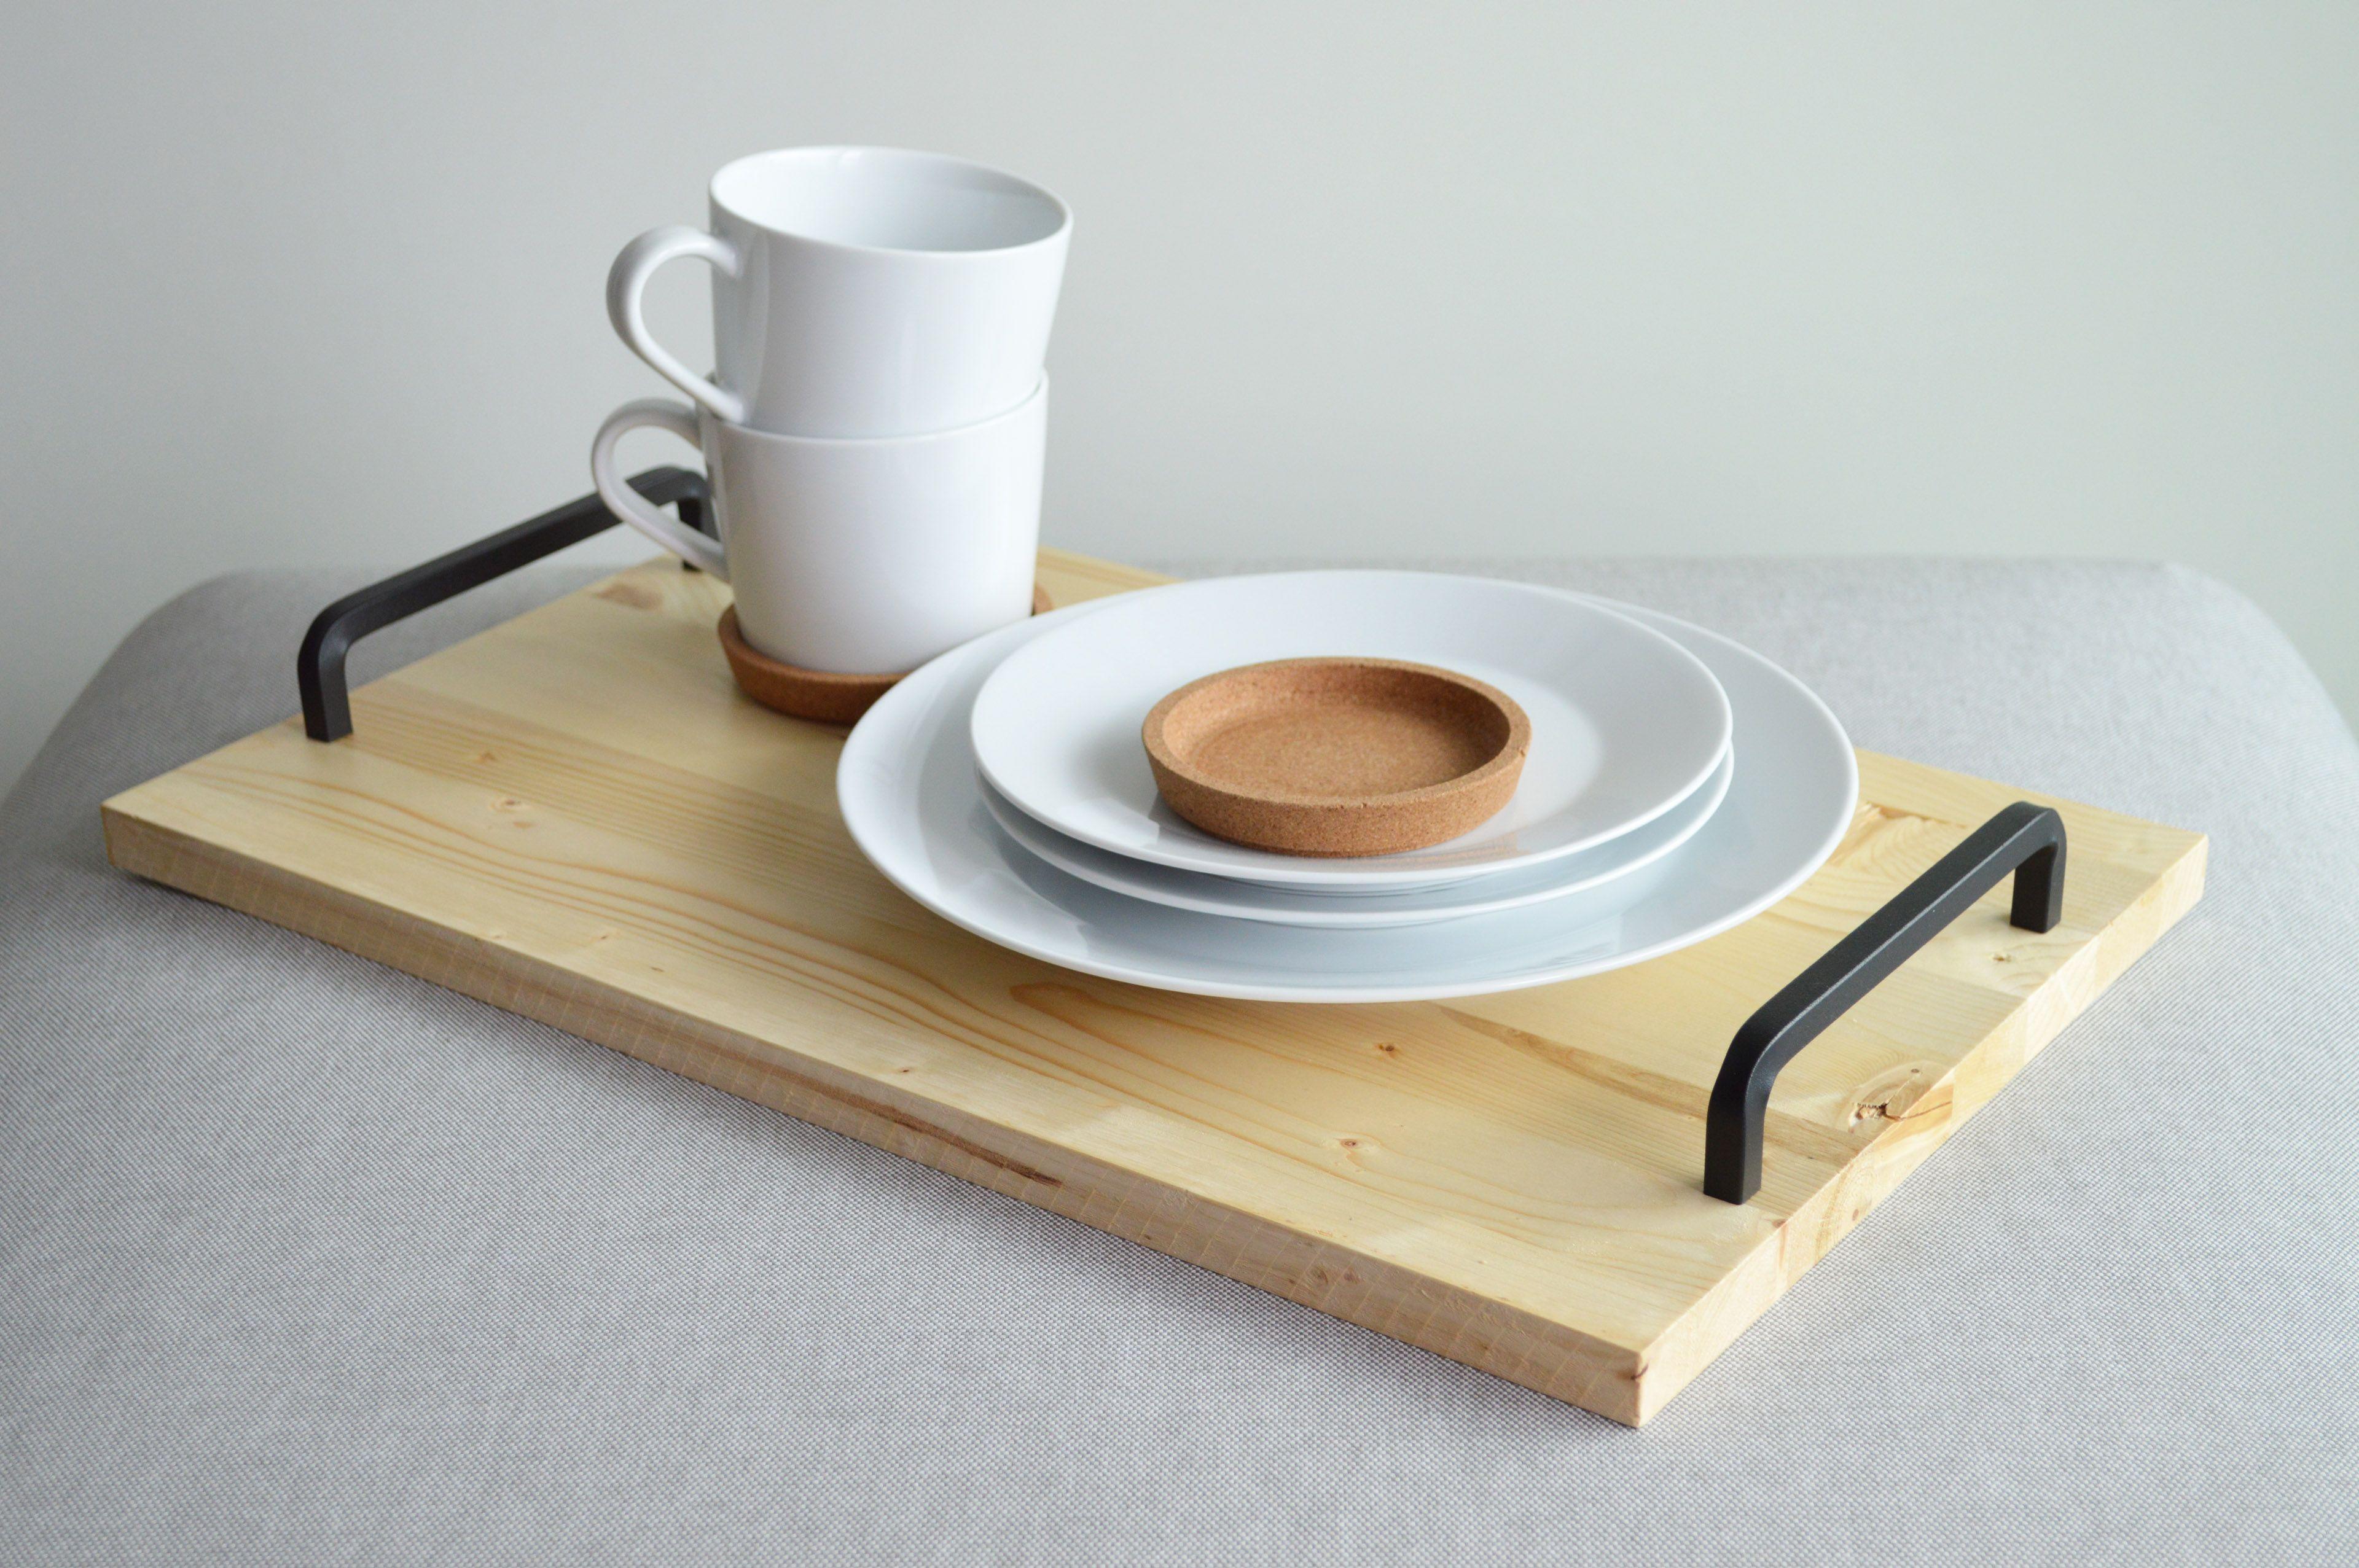 ruckzuck selbstgemacht diy serviertablett aus holz alpina lacke holz serviertablett und. Black Bedroom Furniture Sets. Home Design Ideas